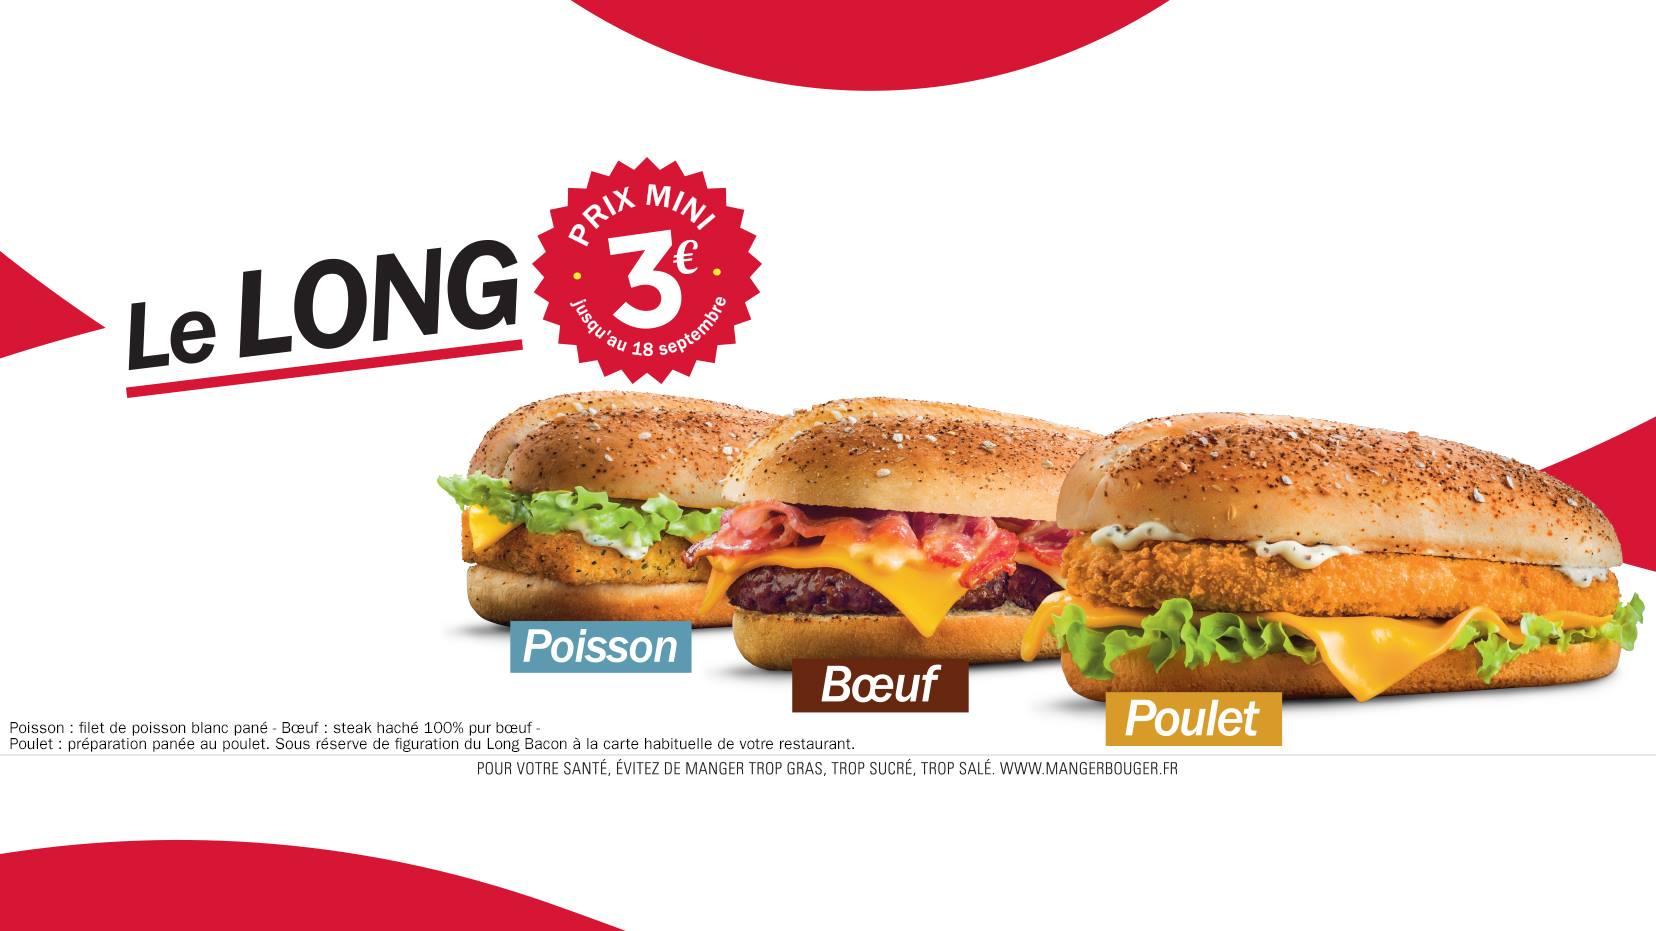 BON PLAN : Quick propose le Long Bacon, le Long Fish et le Long Boeuf à 3€